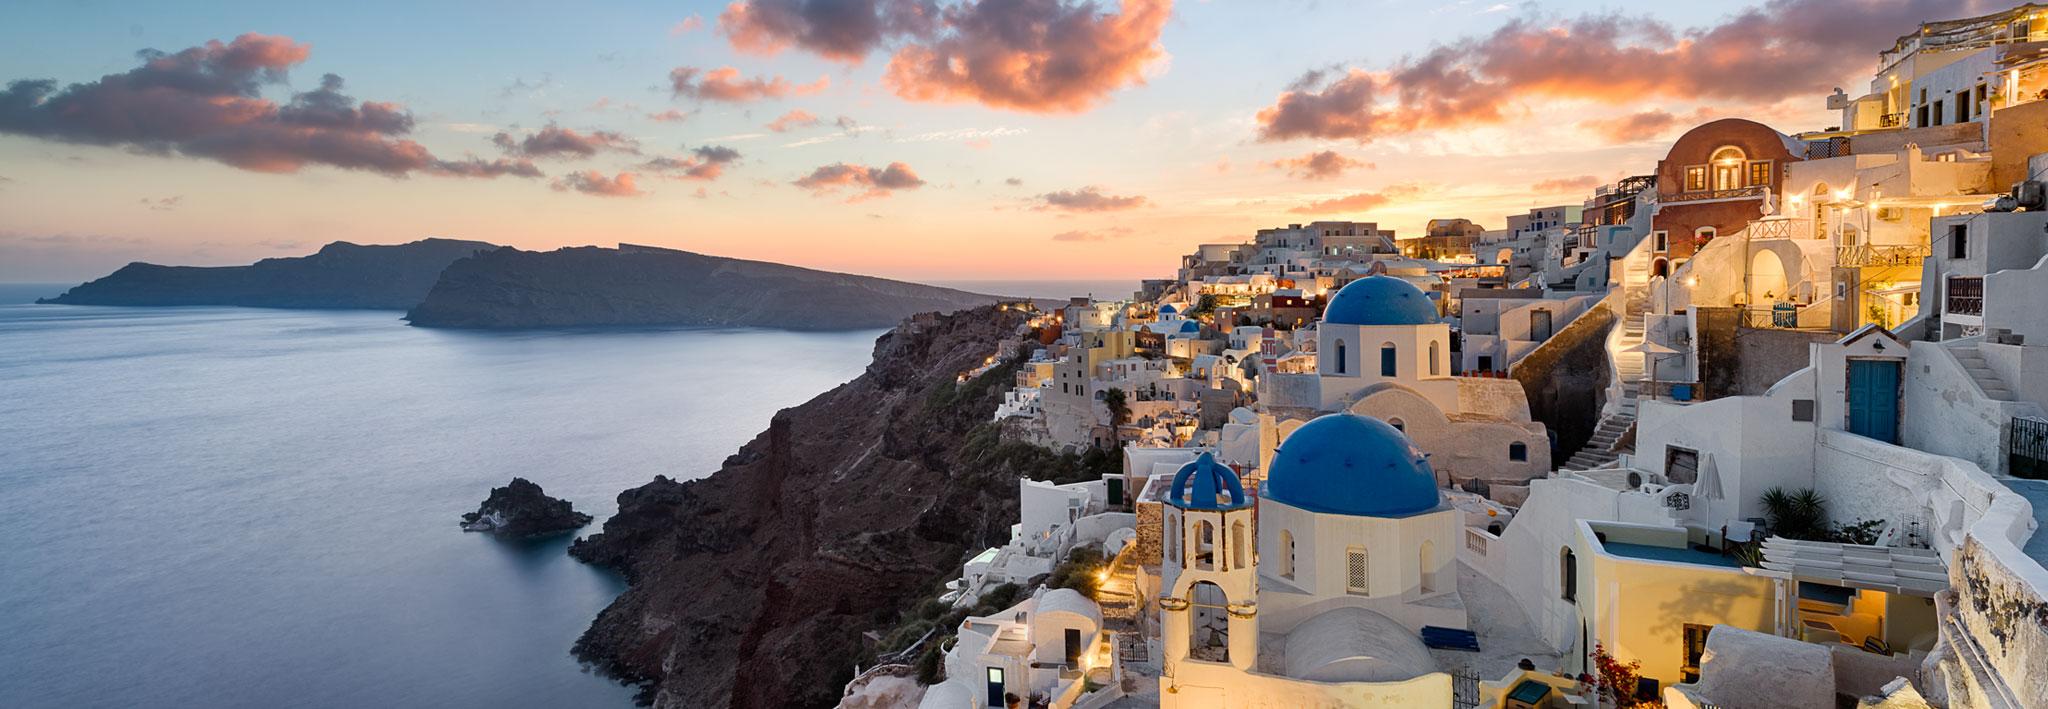 Sunset Dreams Oia, Santorini, Greece